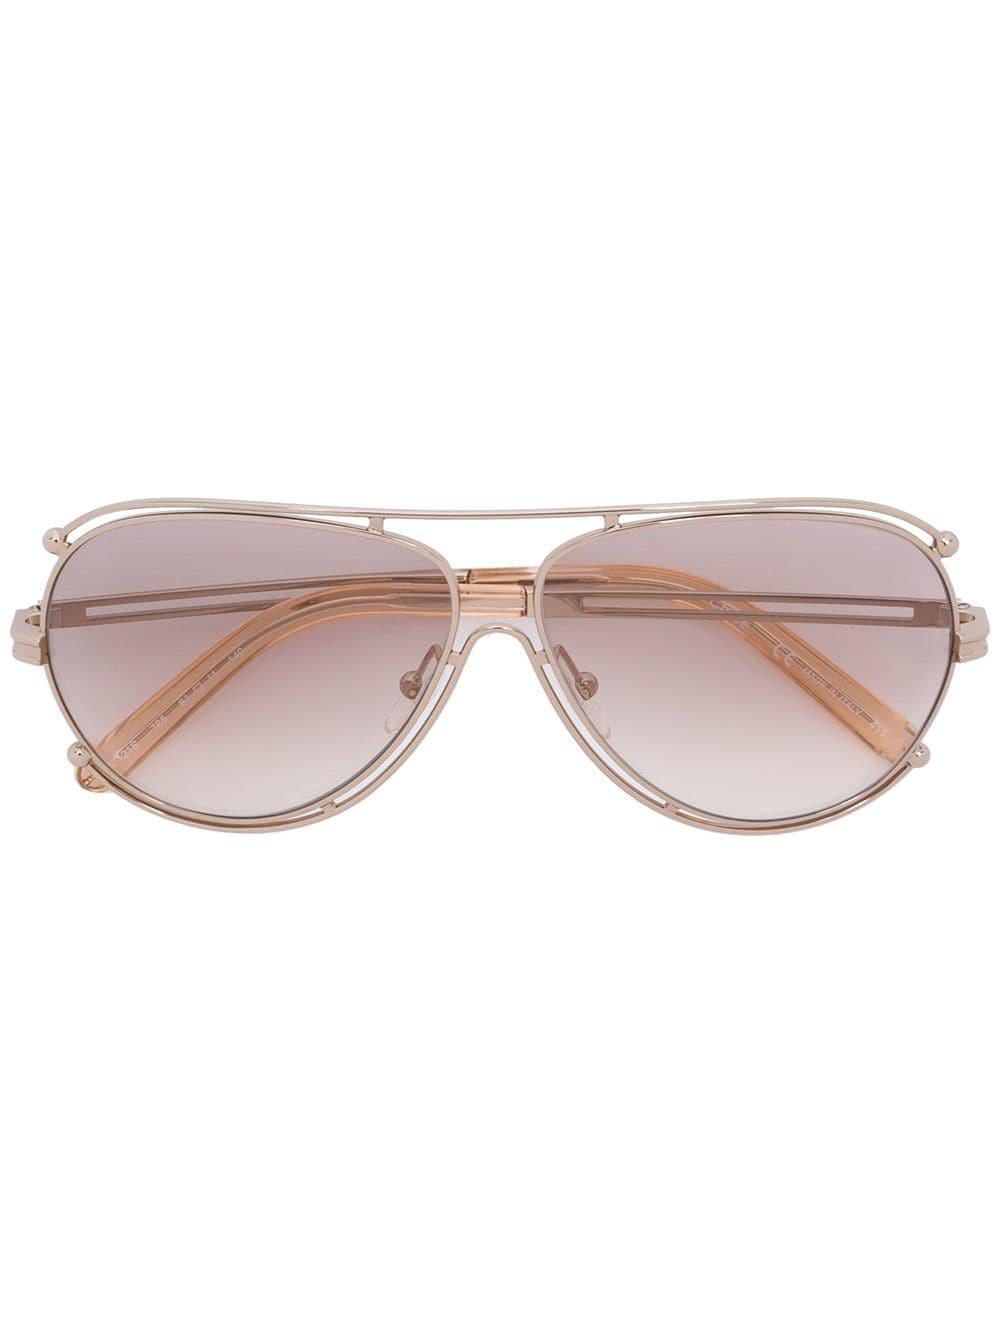 c382e0d6737 Chloé Chloé  isidora  Sunglasses - Lyst